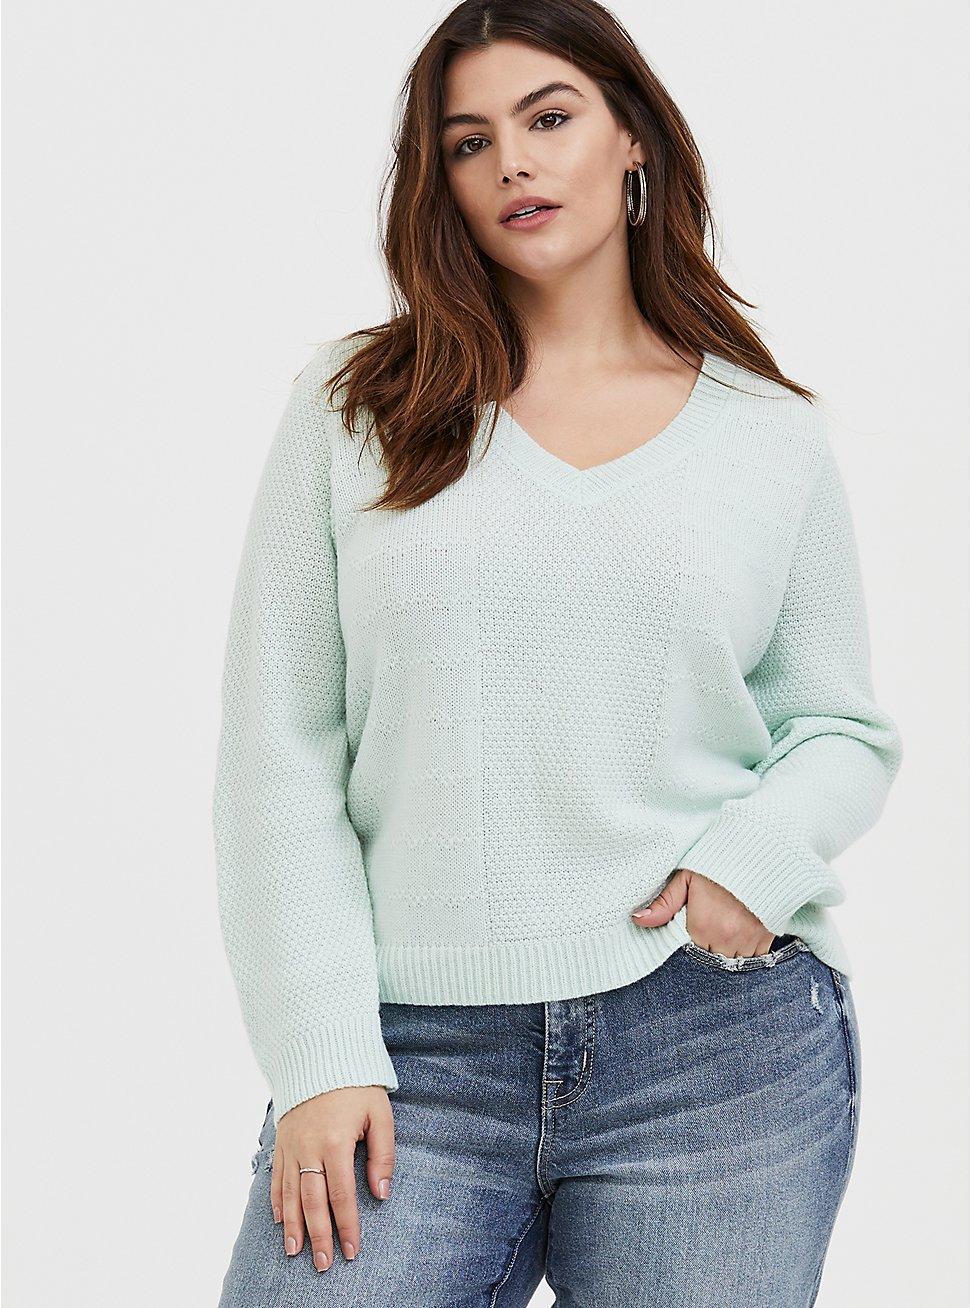 Mint Green V-Neck Midi Pullover Sweater , MOONLIGHT JADE, hi-res